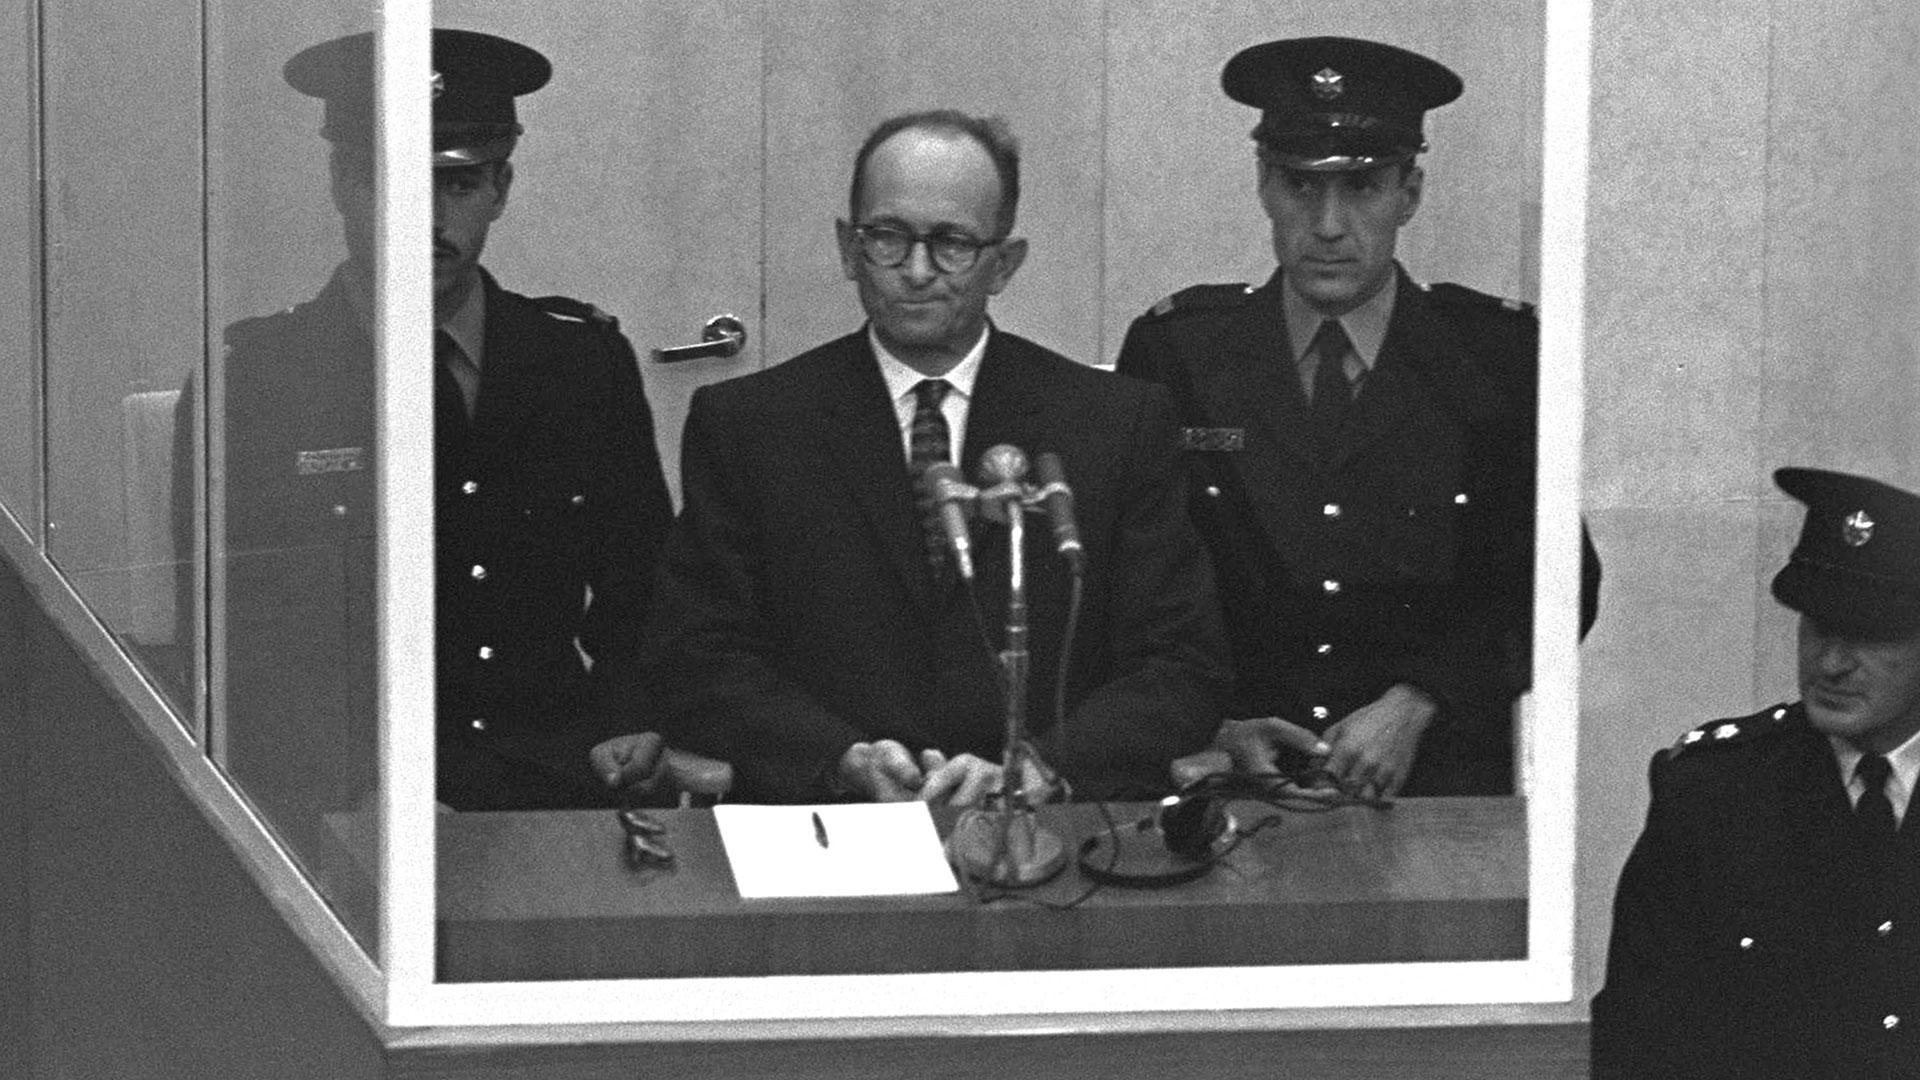 Hace 60 años Israel secuestró en Buenos Aires a Eichmann, el cerebro de la «Solución Final» nazi